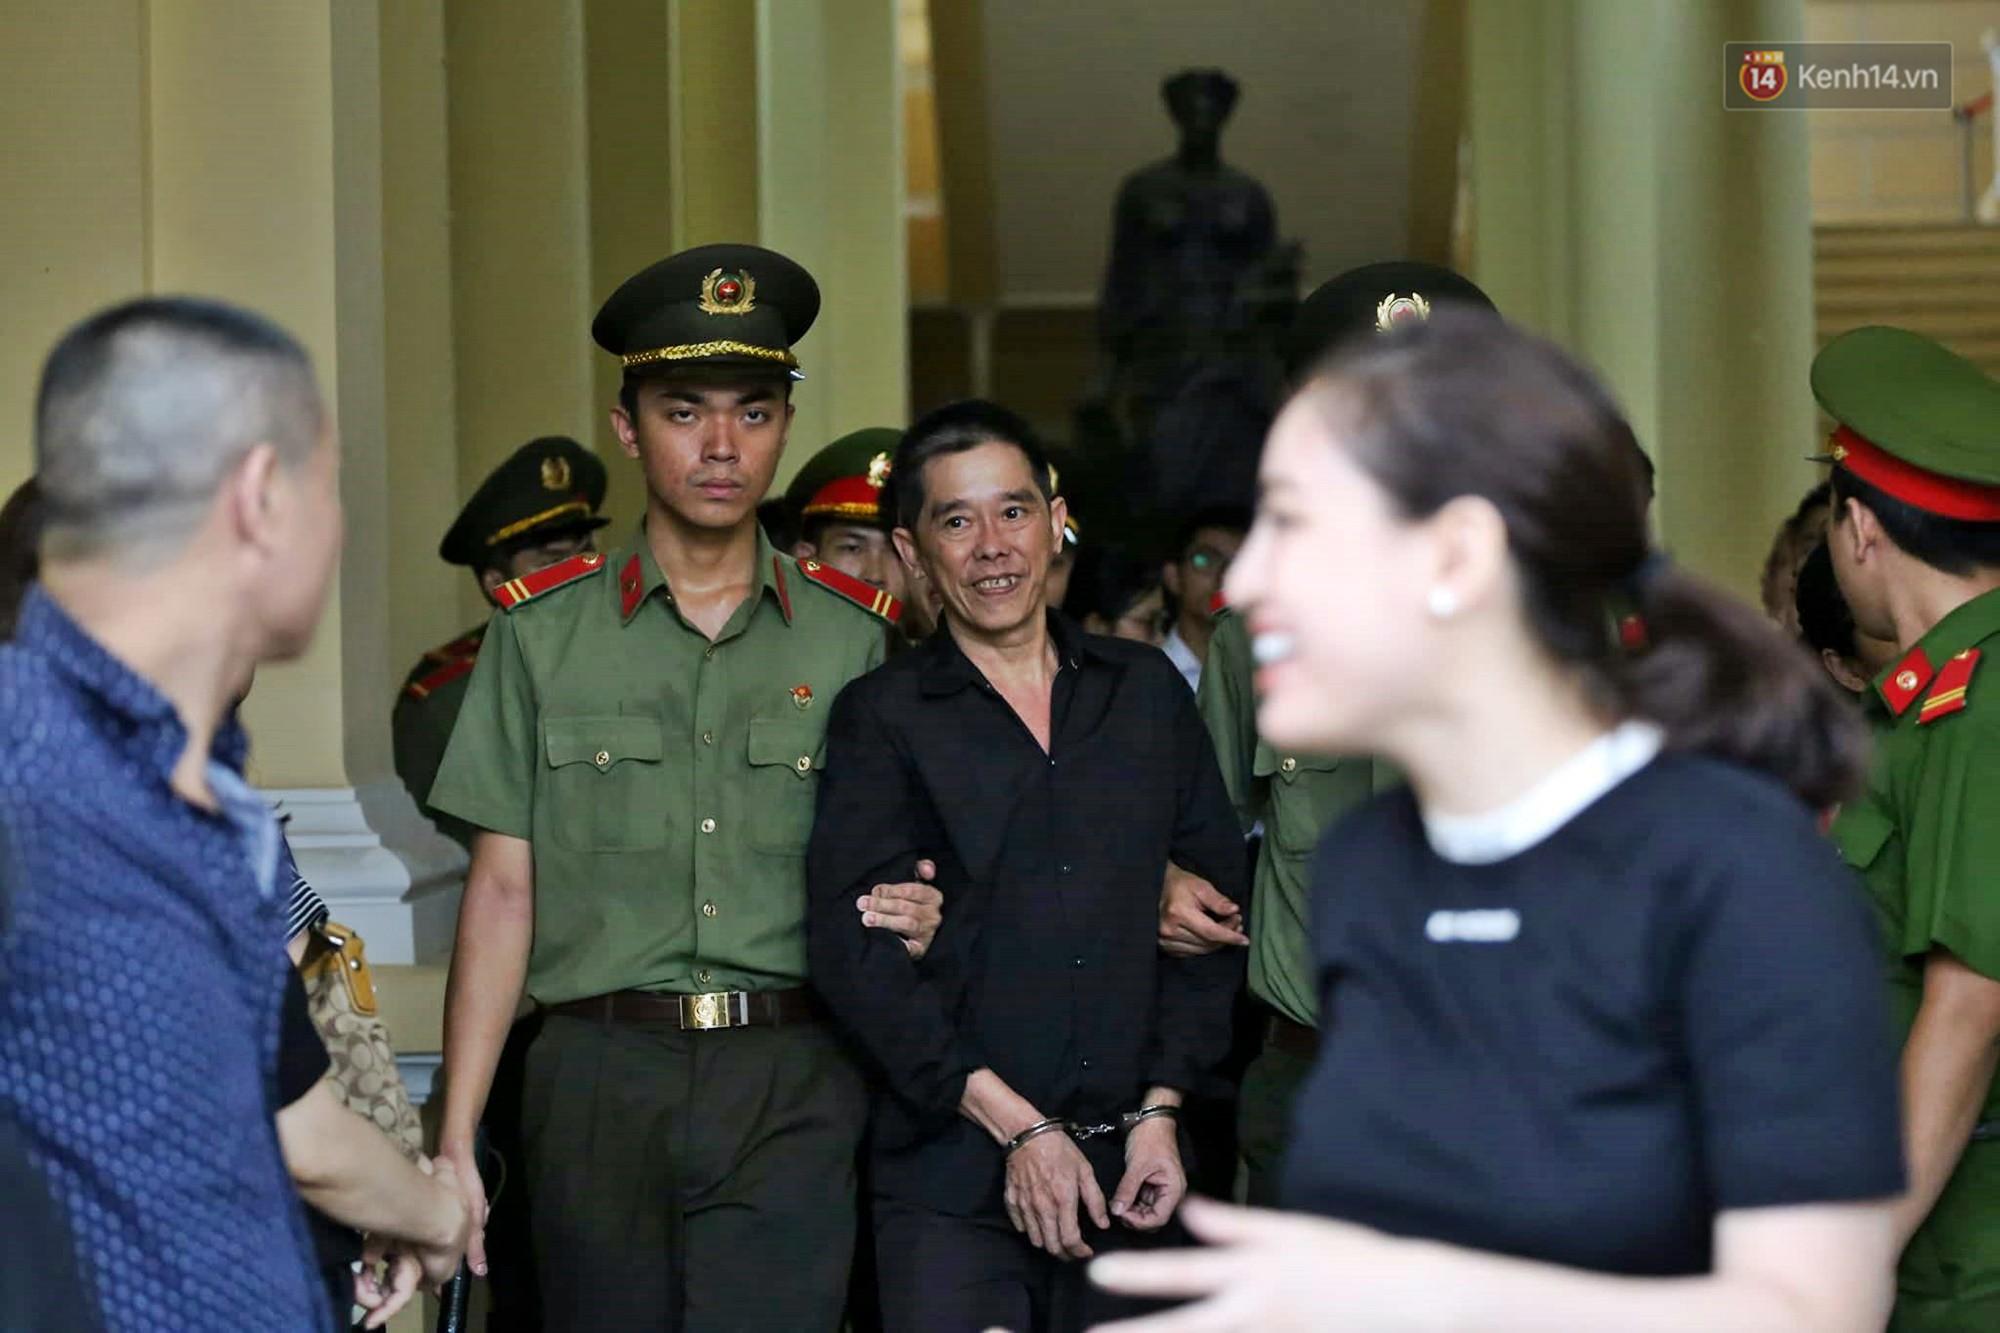 Trùm ma túy Văn Kính Dương giơ tay chào người thân, hot girl Ngọc Miu khóc khi bị áp giải ra xe sau phiên xét xử ngày thứ 2-4